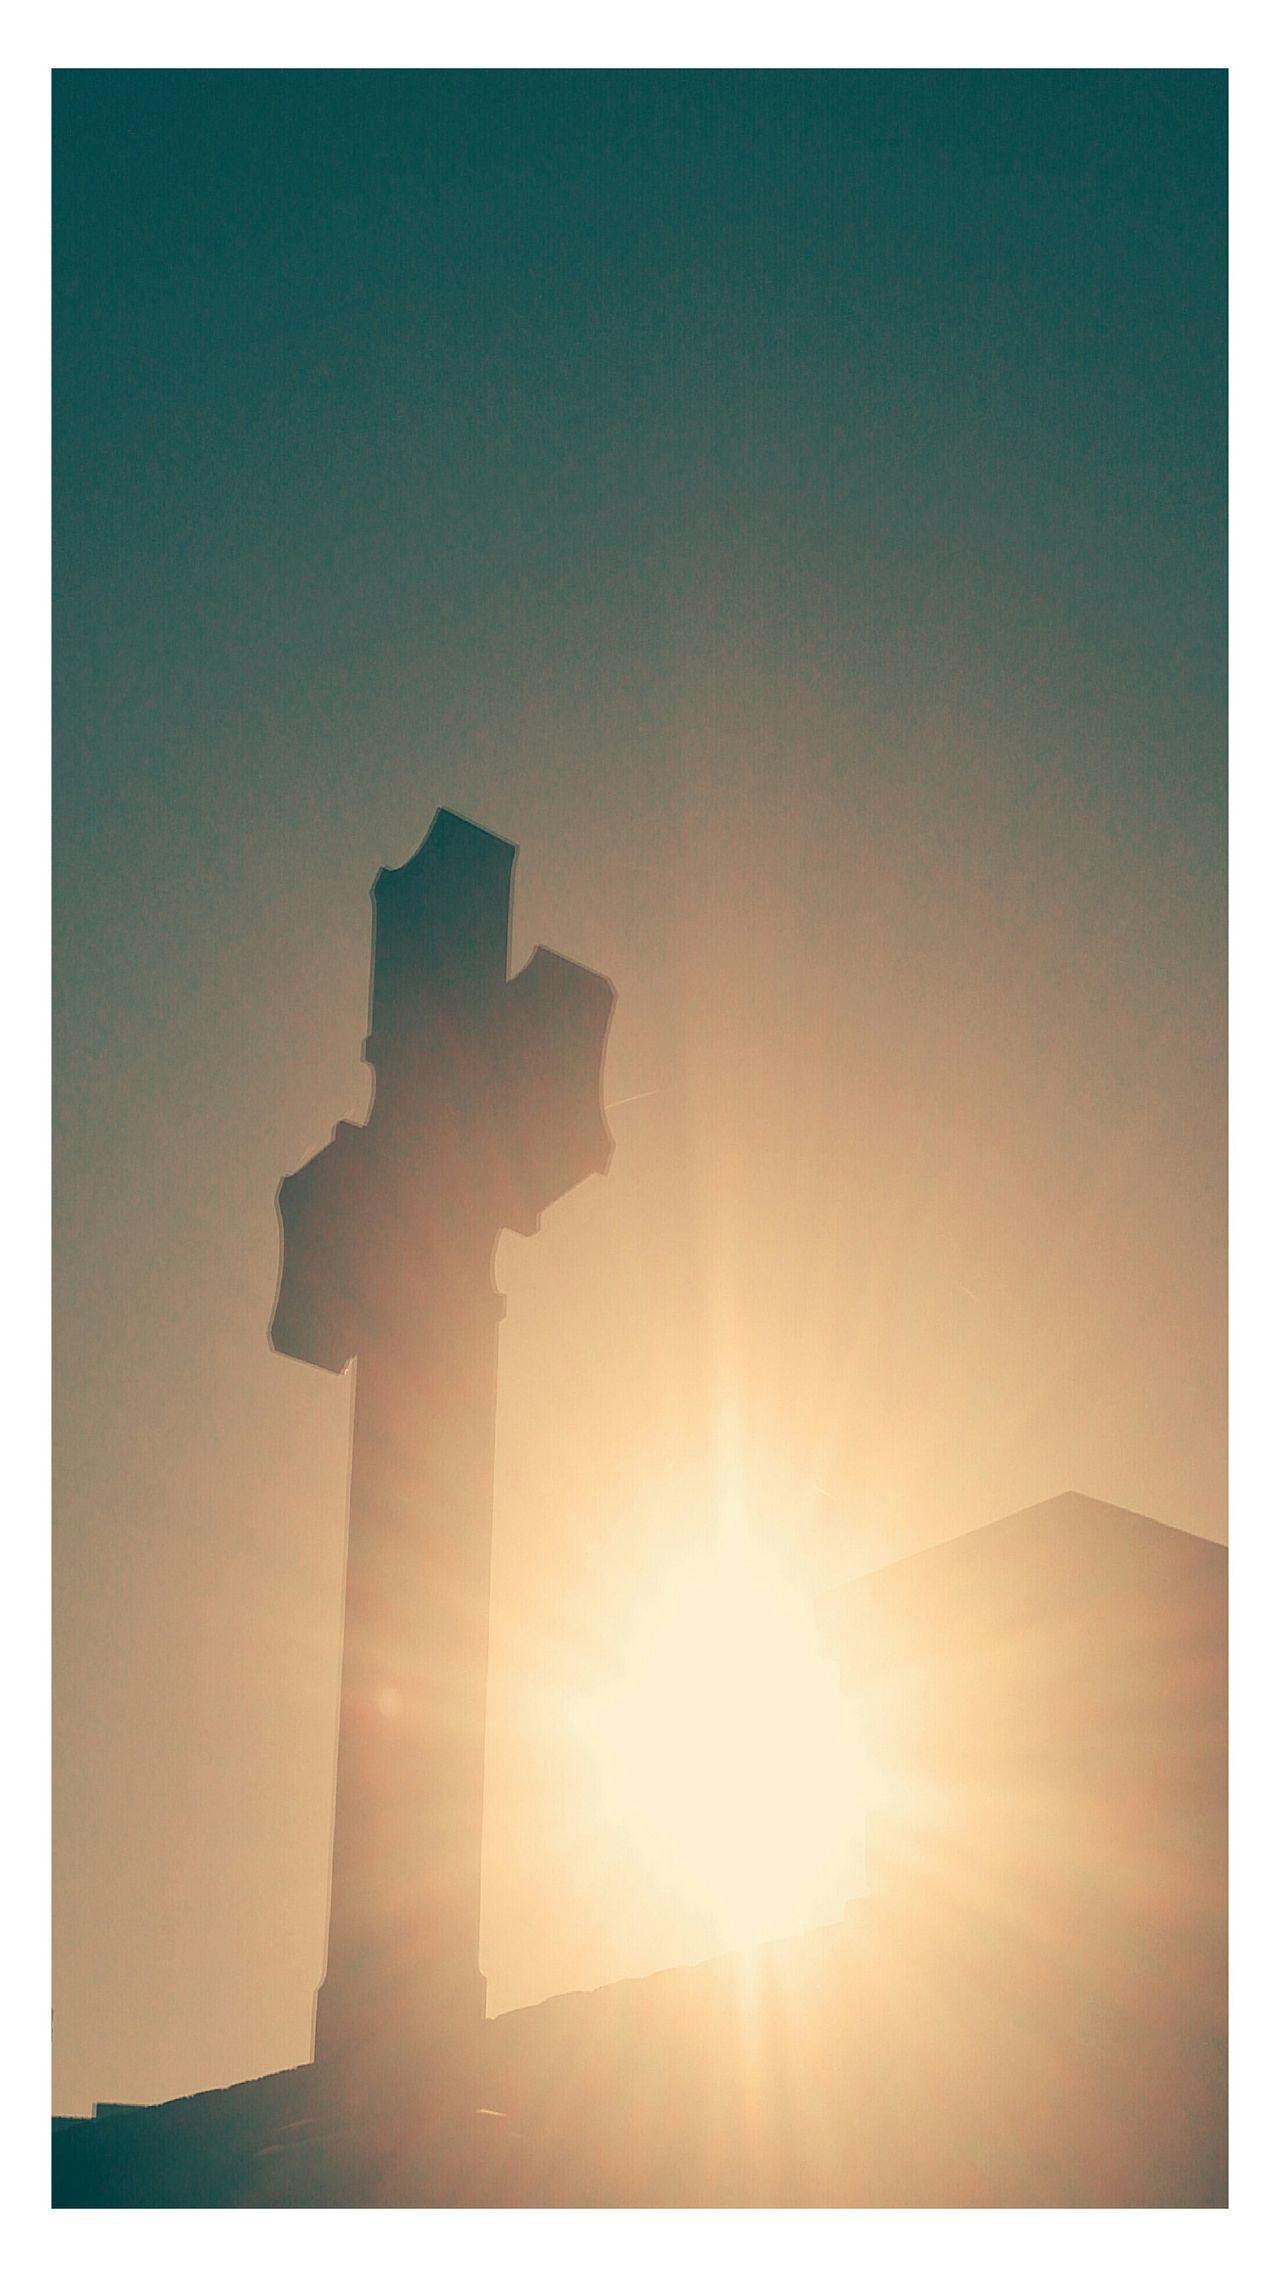 Crossed sunrise